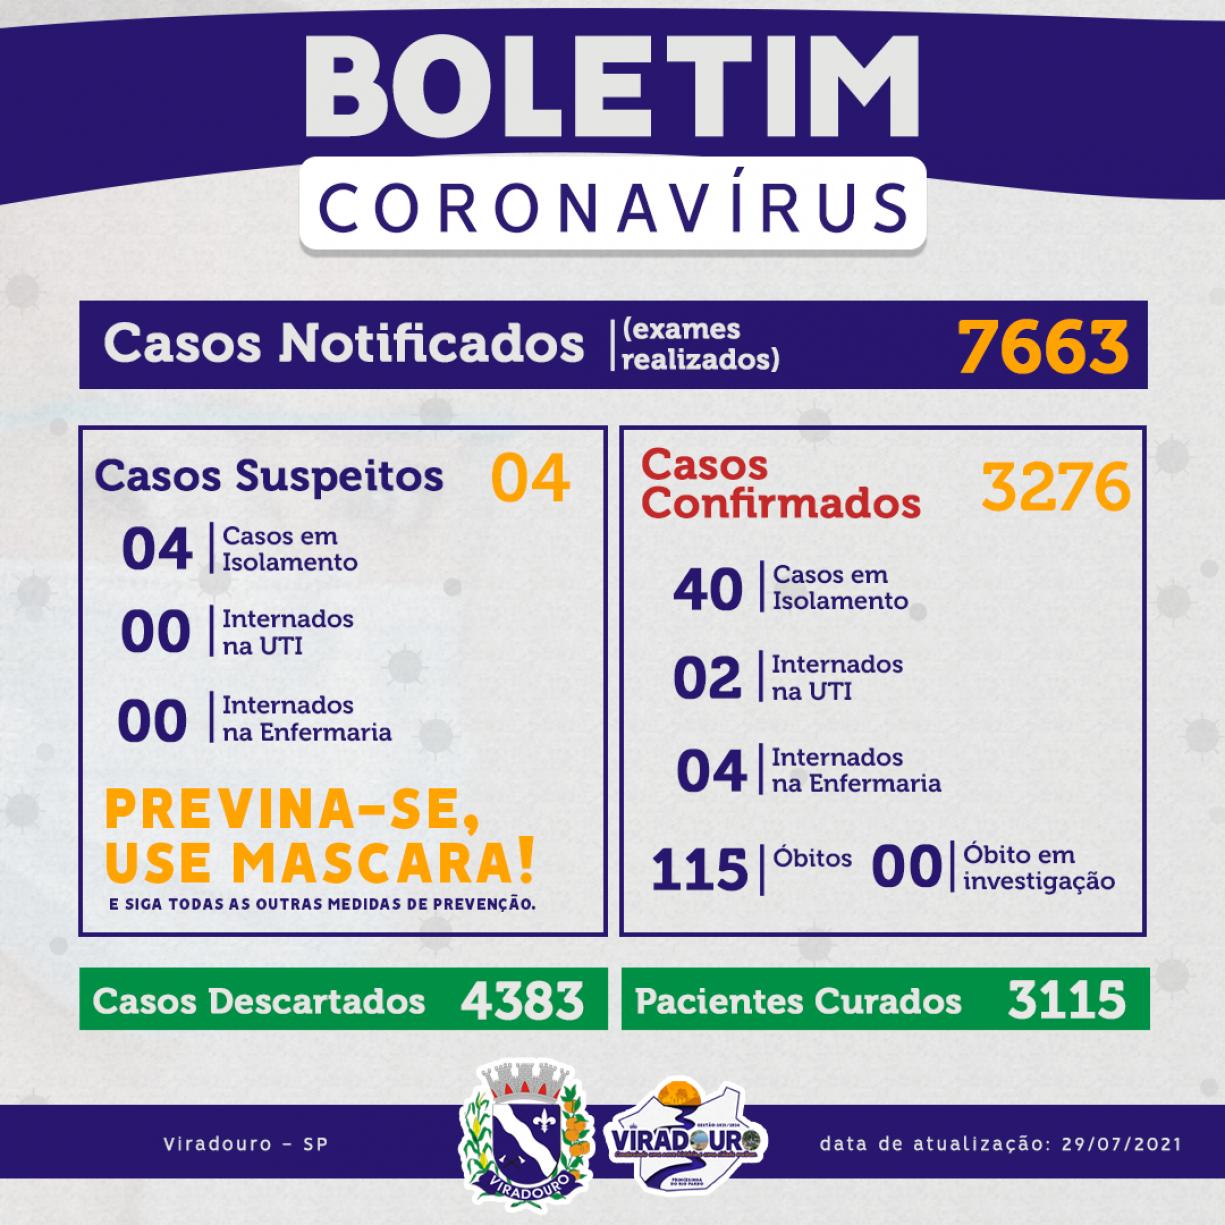 CORONAVÍRUS: BOLETIM EPIDEMIOLÓGICO (ATUALIZAÇÃO 29/07/2021)